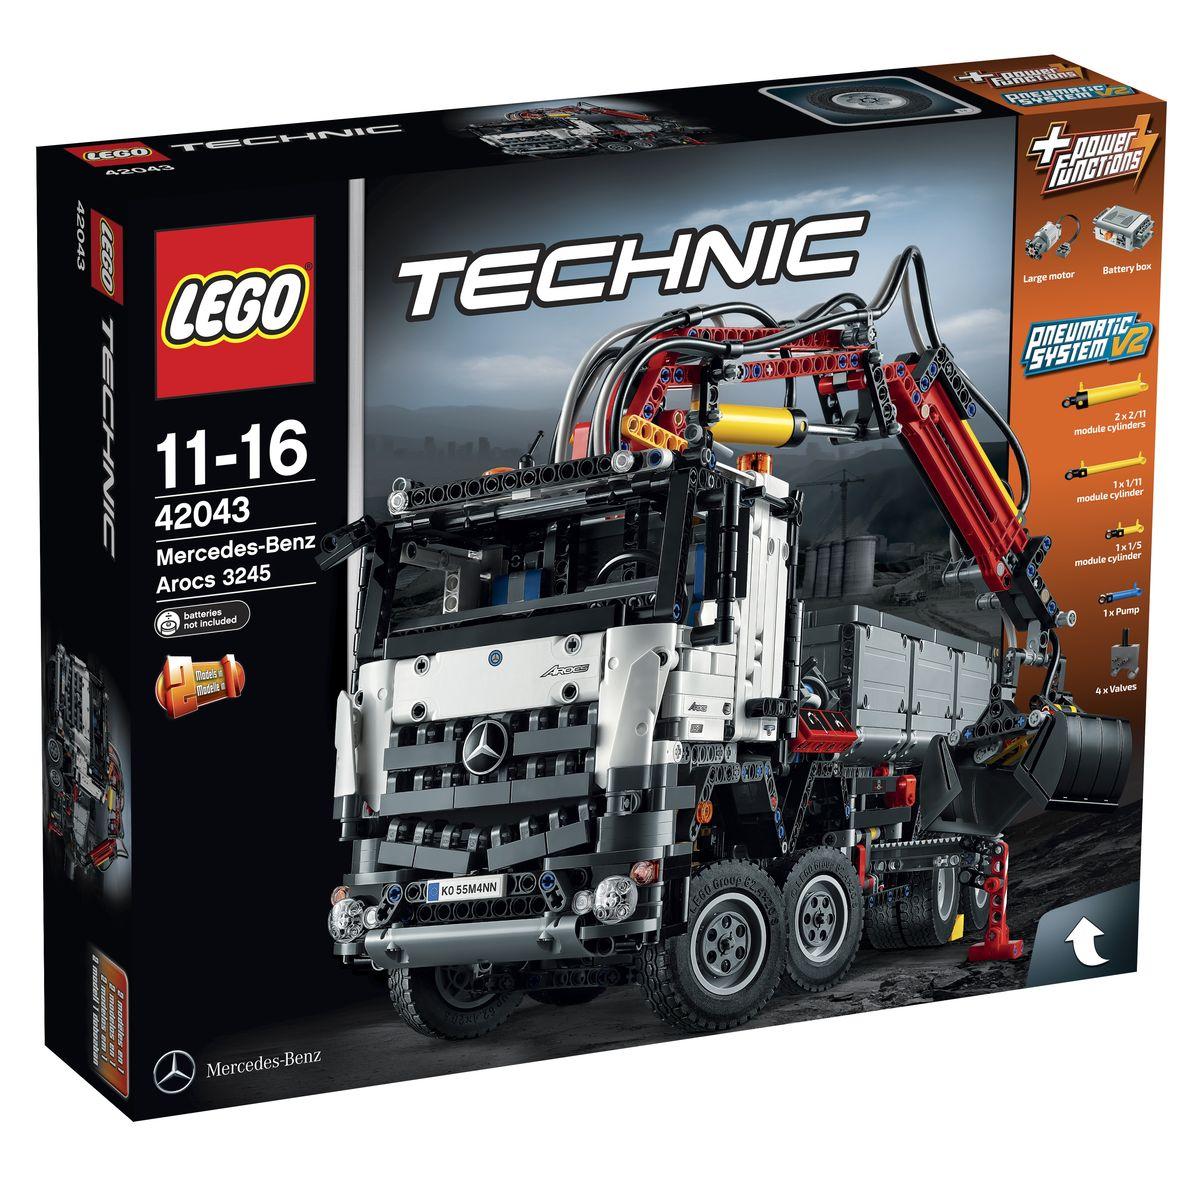 LEGO Technic Конструктор Mercedes-Benz Arocs 4204342043Масштабная копия многофункционального грузовика из набора LEGO 42043 станет лучшим подарком для поклонников серии Technic! Корпус грузовика выполнен из бело-серо-черных деталей с добавлением красных элементов и узнаваемых логотипов Mercedes-Benz. Спереди видна массивная кабина водителя, оборудованная боковыми зеркалами, открывающимися дверями, системой освещения, непробиваемой радиаторной решёткой, двумя синими креслами и приборной панелью. Откинув кабину, можно рассмотреть 6-ти цилиндровый двигатель с желтыми подвижными поршнями. Ходовая часть грузовика представлена независимой подвеской с амортизаторами особой прочности. На передней оси установлены четыре рулевых колеса, управлять которыми можно с помощью закрепленных на крыше сигнальных огней. Задняя ось выглядит очень надежной. Это достигается благодаря спаренным колёсам, повышающим маневренность и грузоподъемность. Чтобы предотвратить опрокидывание корпуса во время погрузочных работ, необходимо воспользоваться выносными опорами....